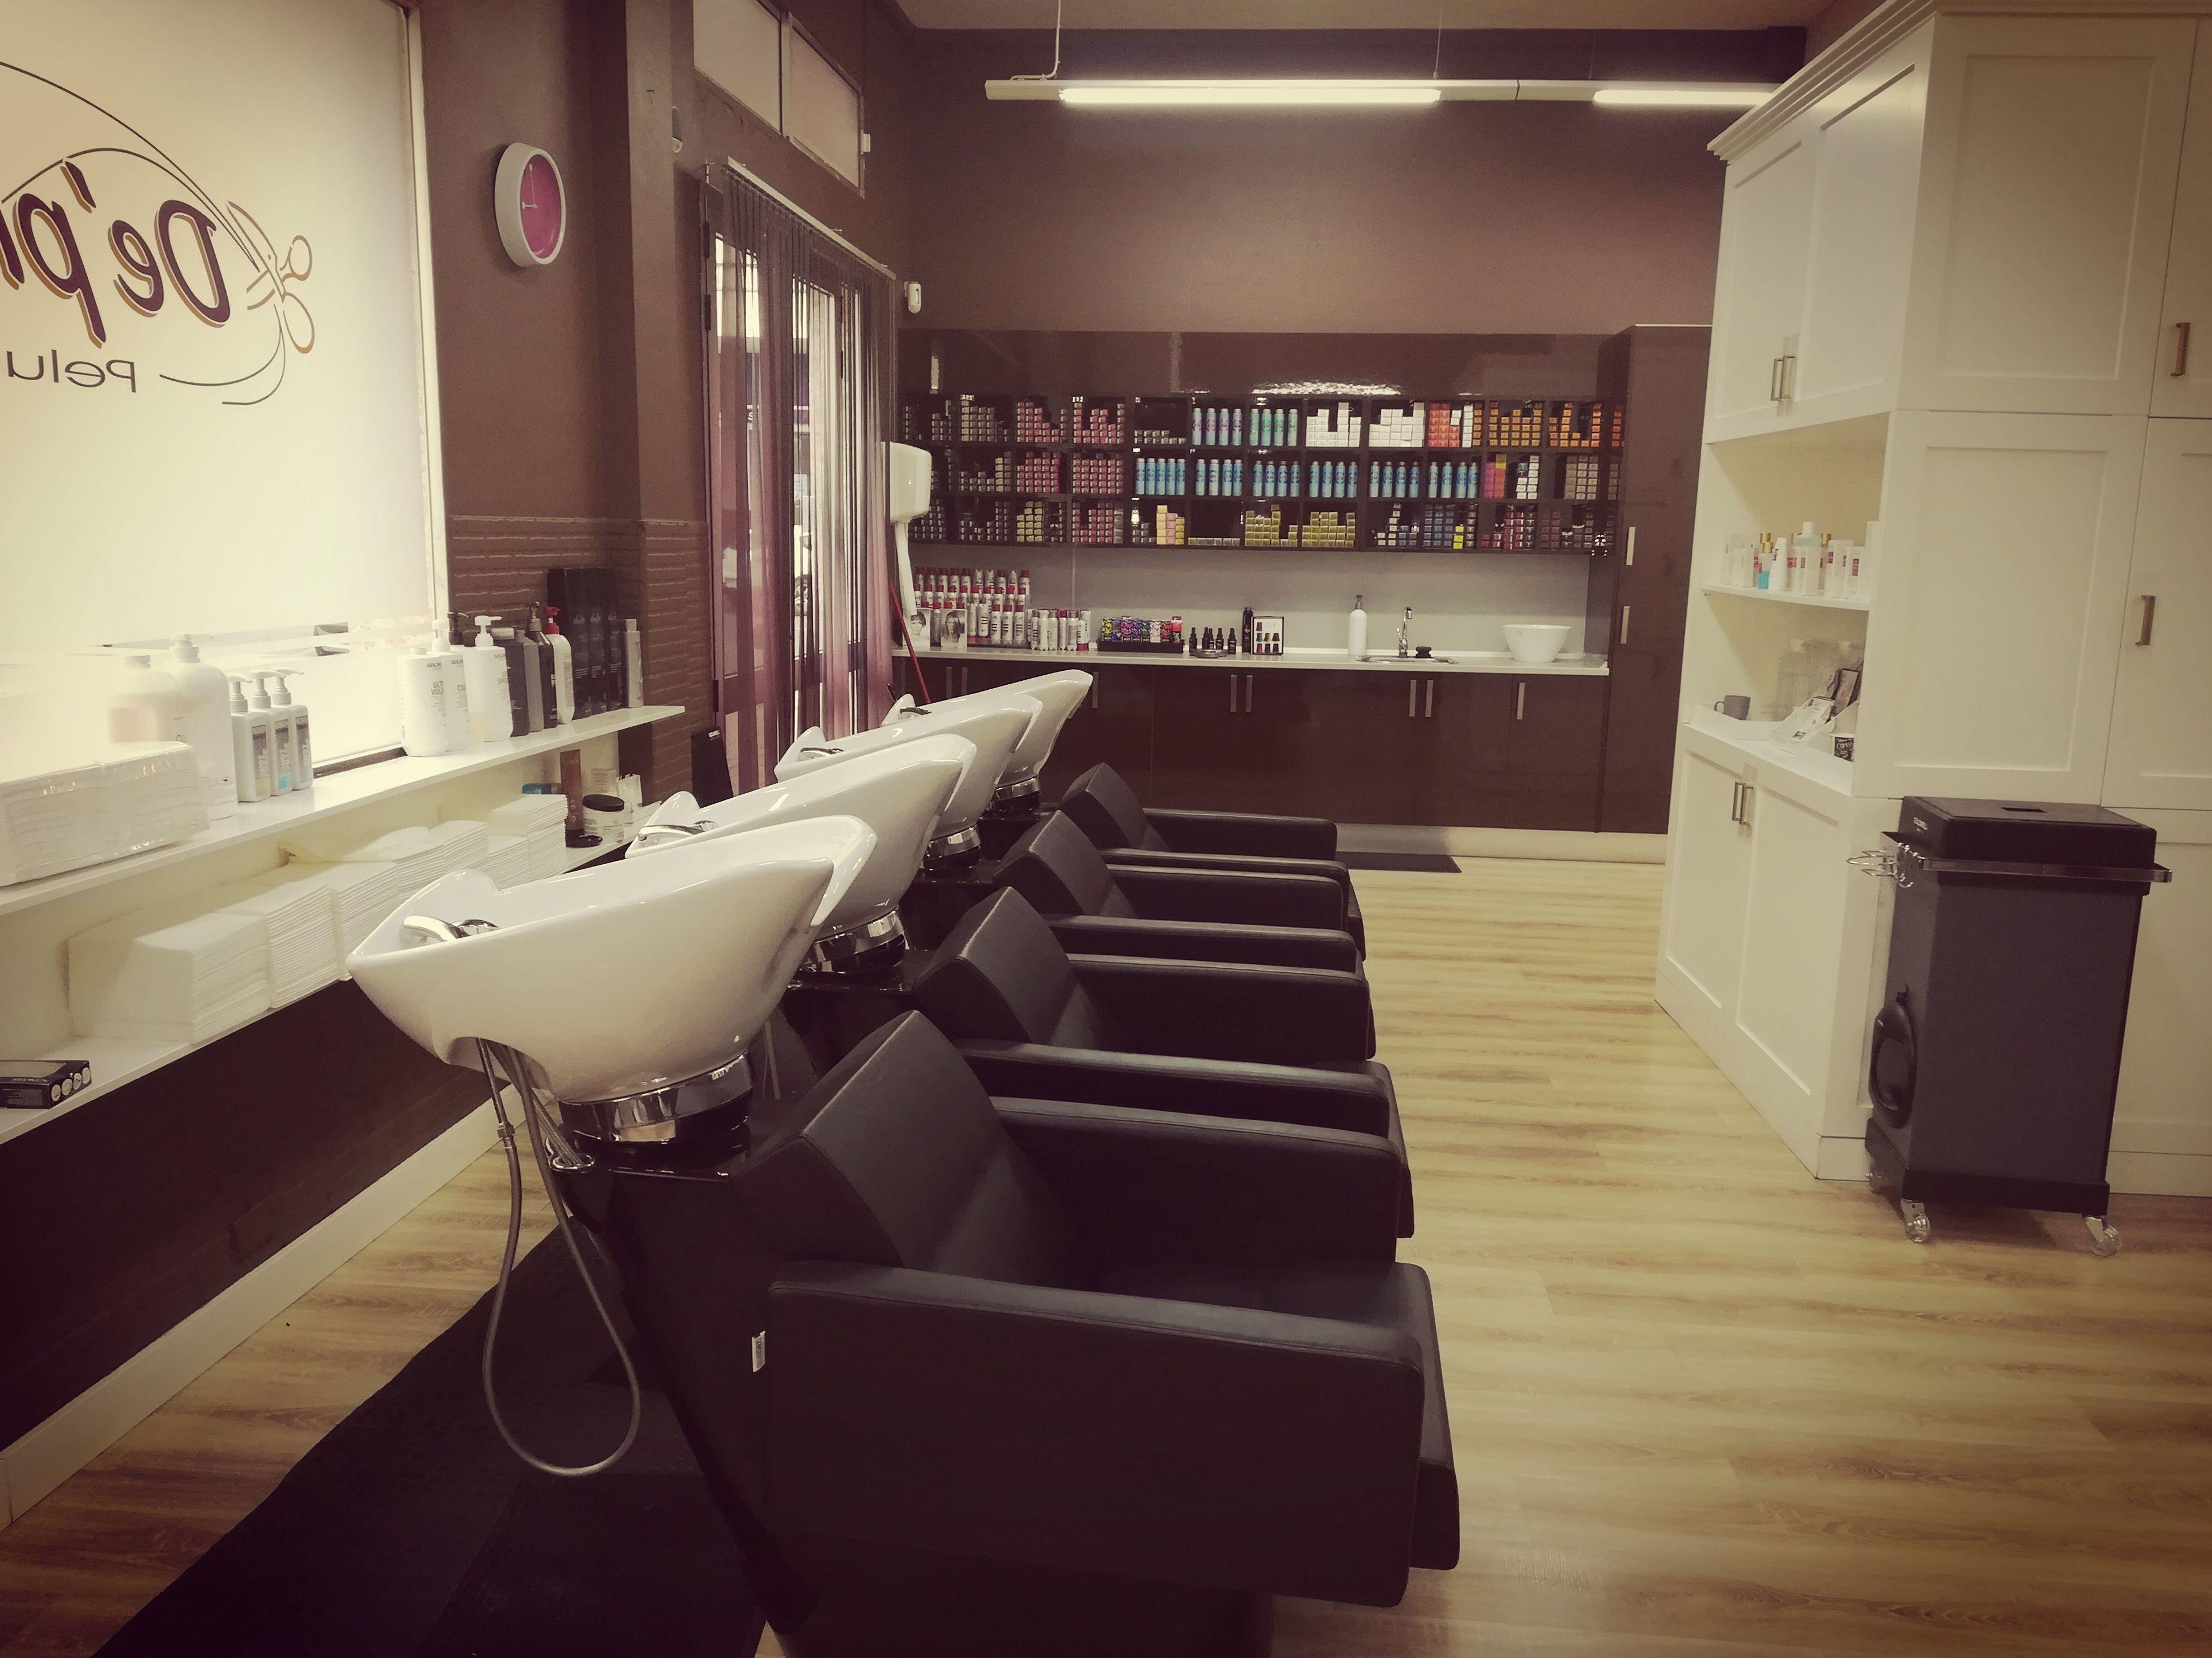 Foto 9 de Salón de belleza, peluquería y estética en Arucas | De´Pinie Peluquería